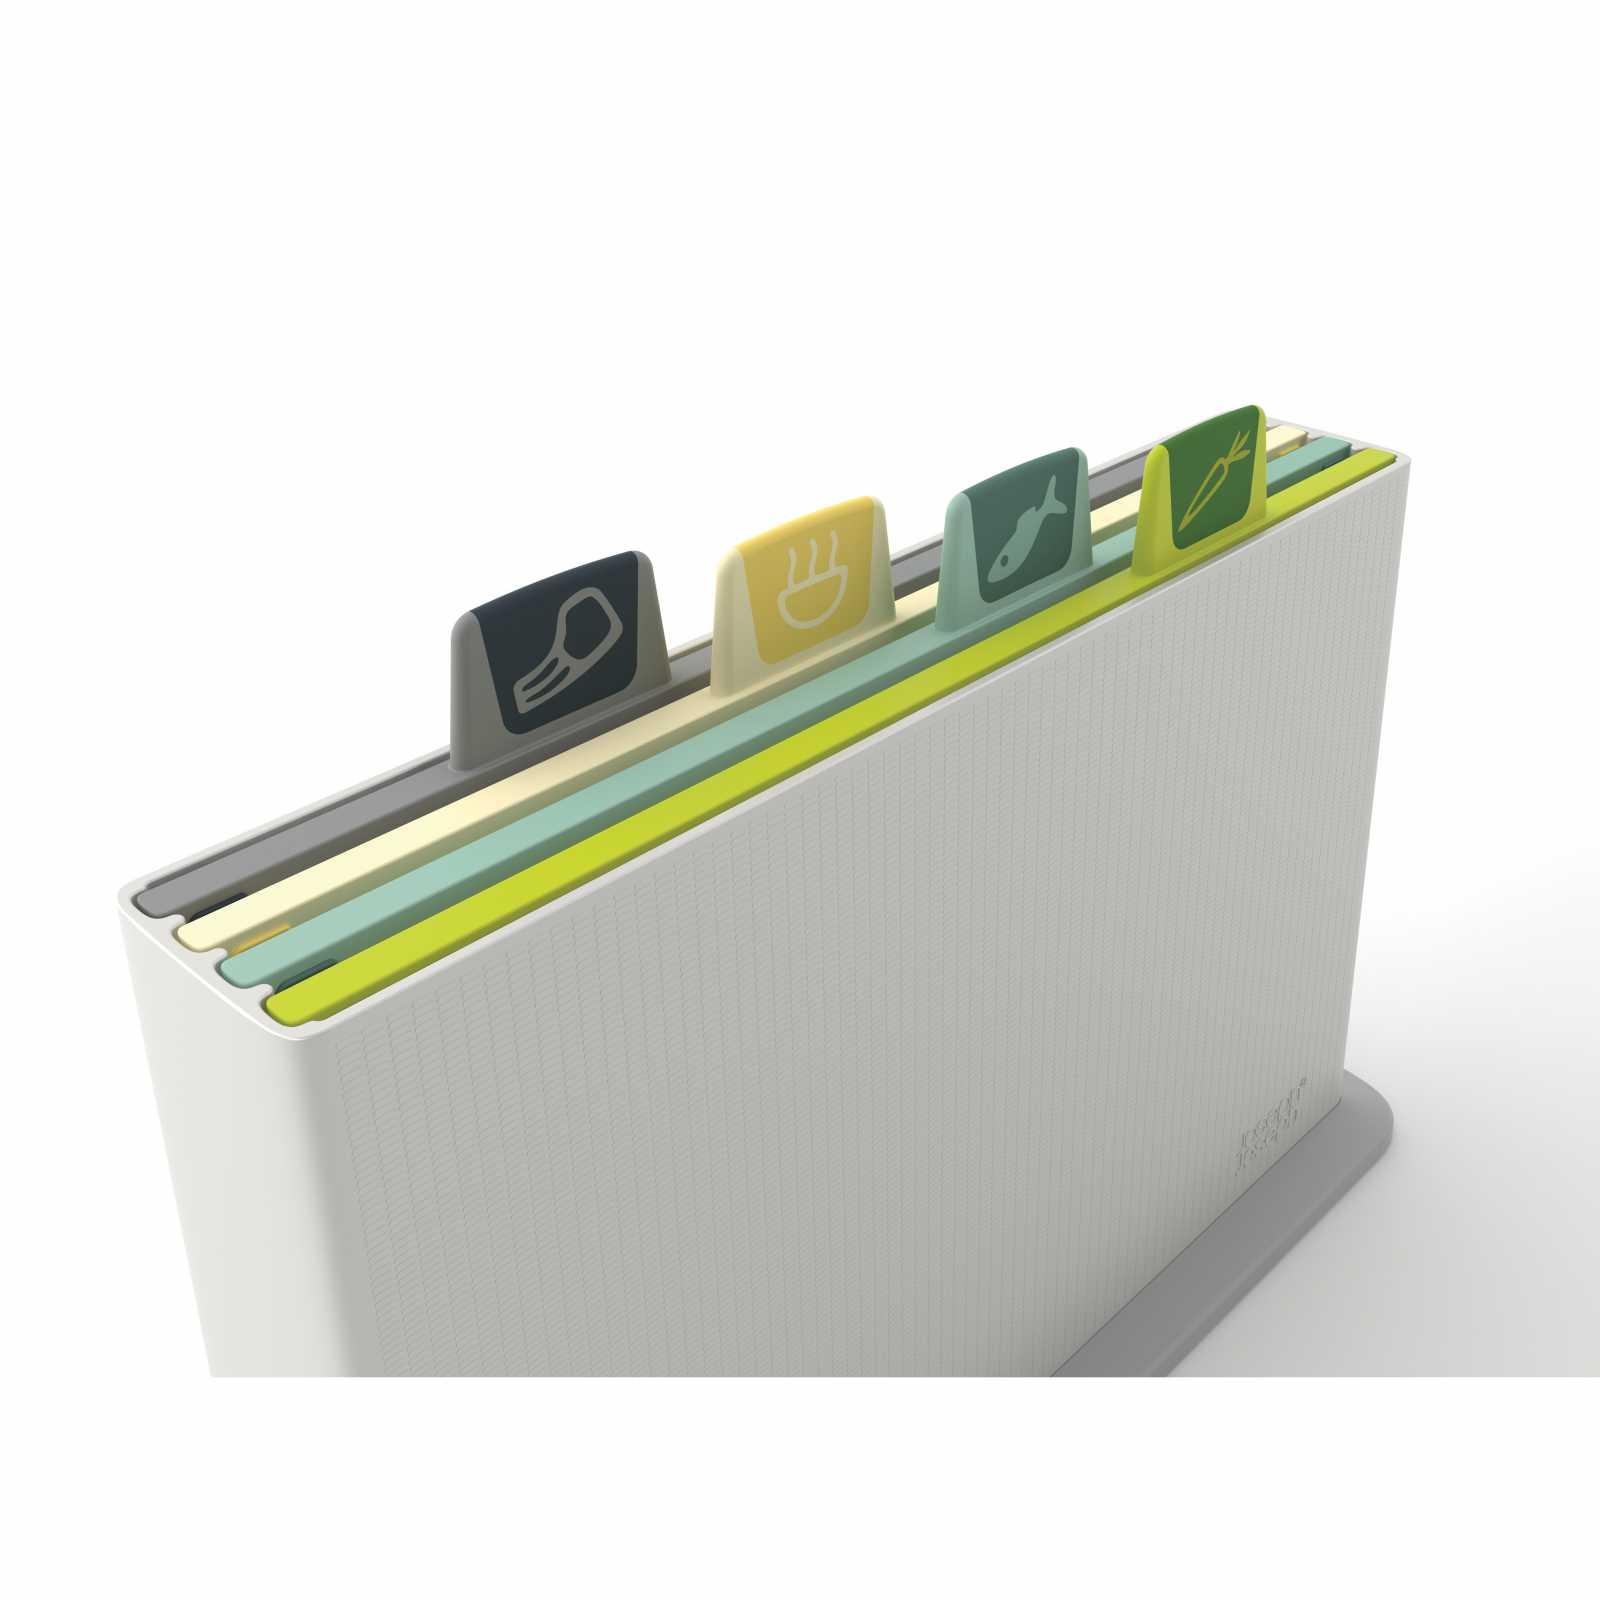 Набор разделочных досок в кейсе Joseph Joseph INDEX, 30х20х8,3 см, светло-серый, 5 предметов Joseph Joseph 60113 фото 2